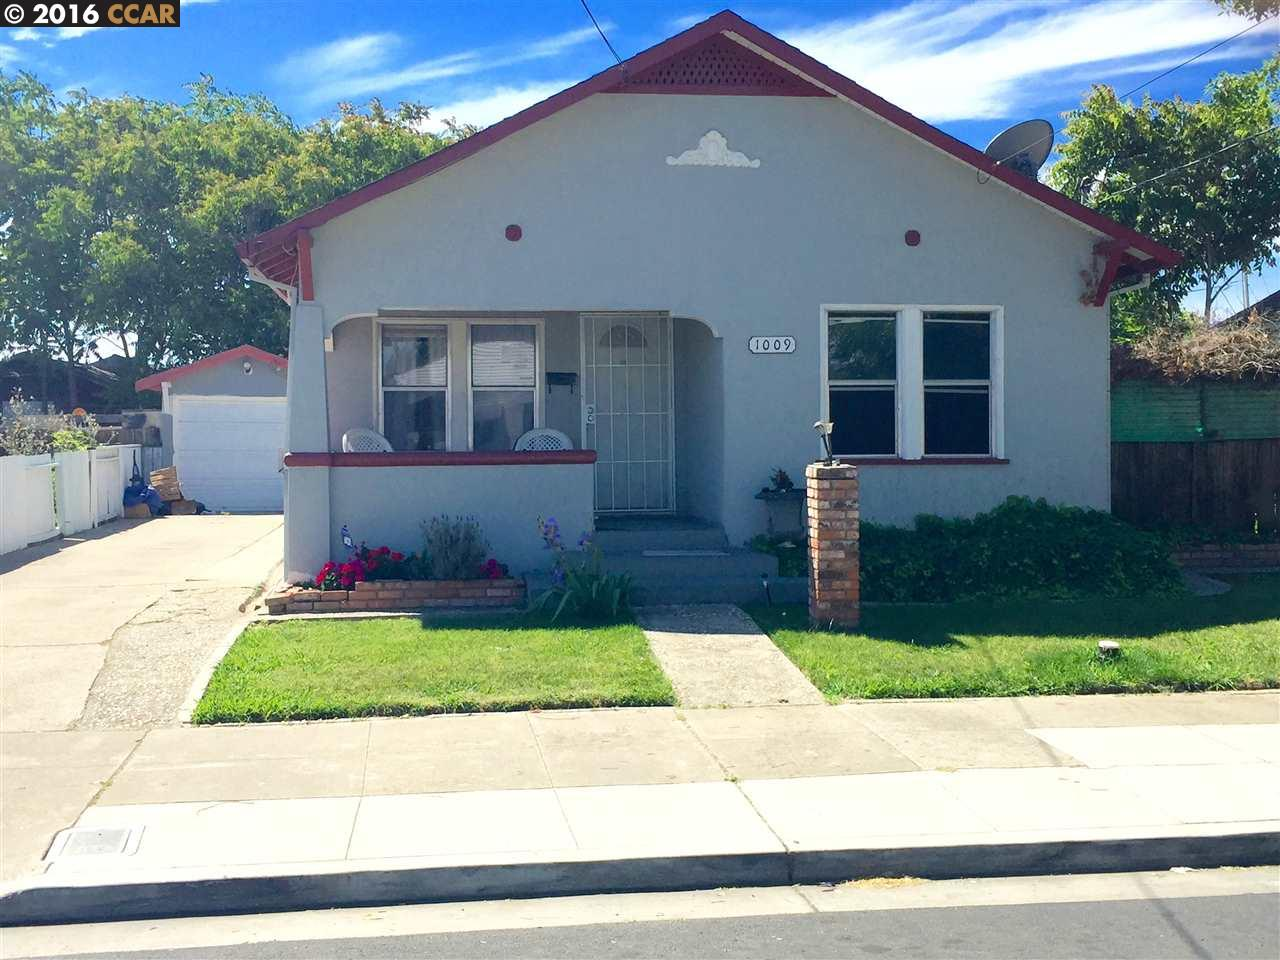 1009 W 9th St, Antioch, CA